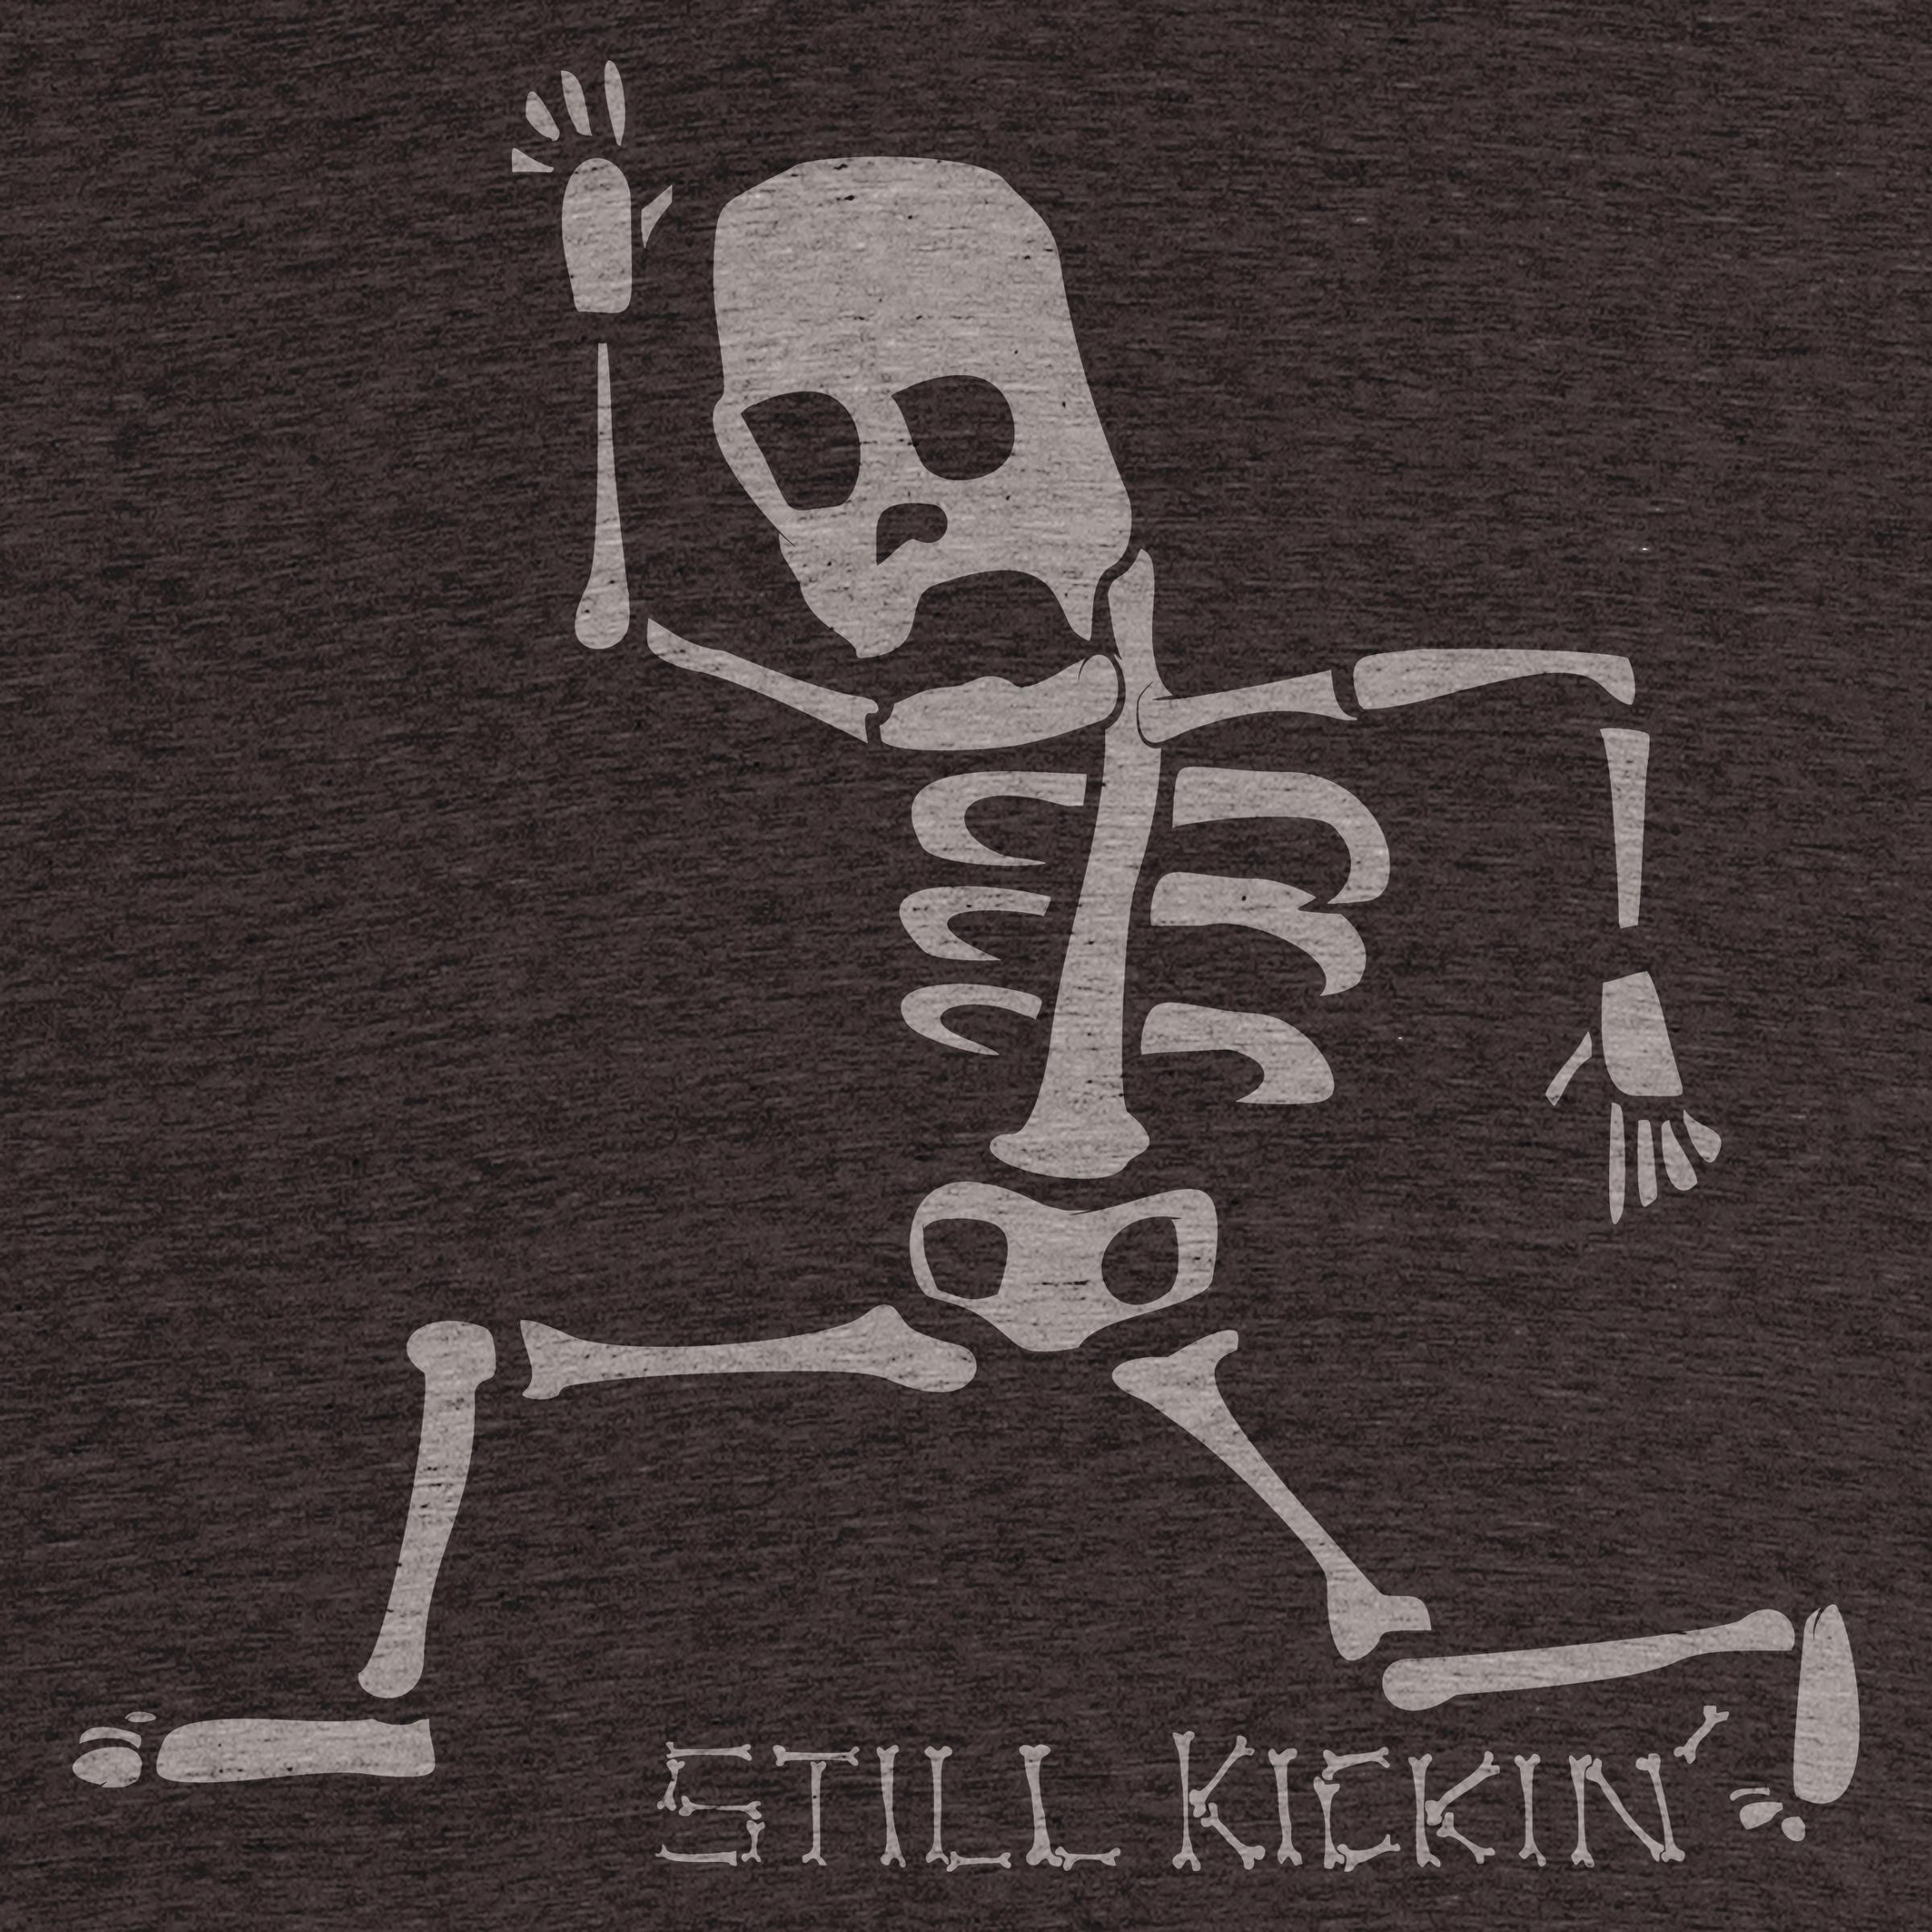 Still Kickin'